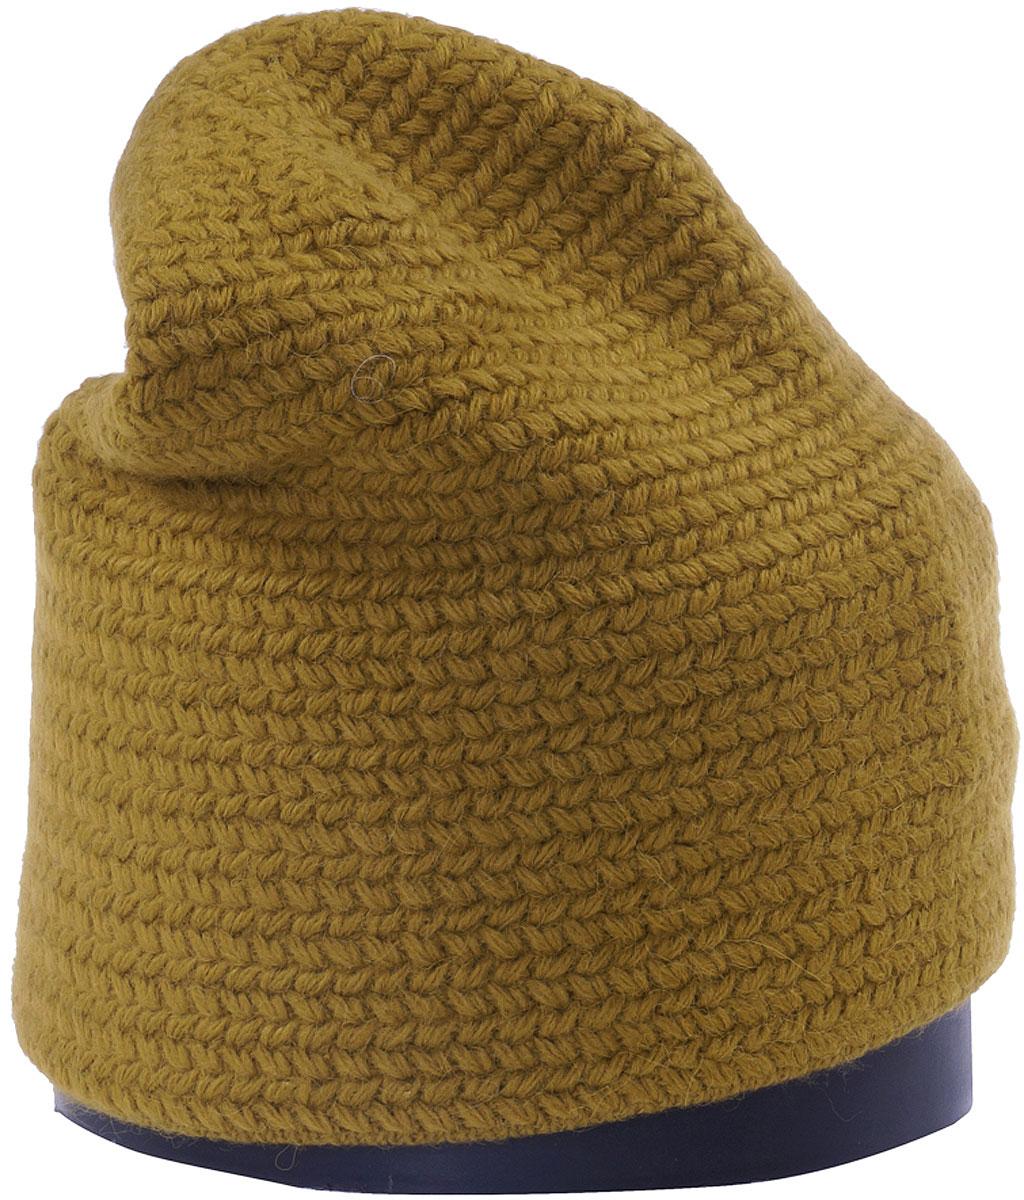 Шапка женская Vittorio Richi, цвет: липа. Aut241891V-64/17. Размер 56/58Aut241891VСтильная женская шапка Vittorio Richi отлично дополнит ваш образ в холодную погоду. Модель, изготовленная из высококачественных материалов, максимально сохраняет тепло и обеспечивает удобную посадку. Привлекательная стильная шапка подчеркнет ваш неповторимый стиль и индивидуальность.